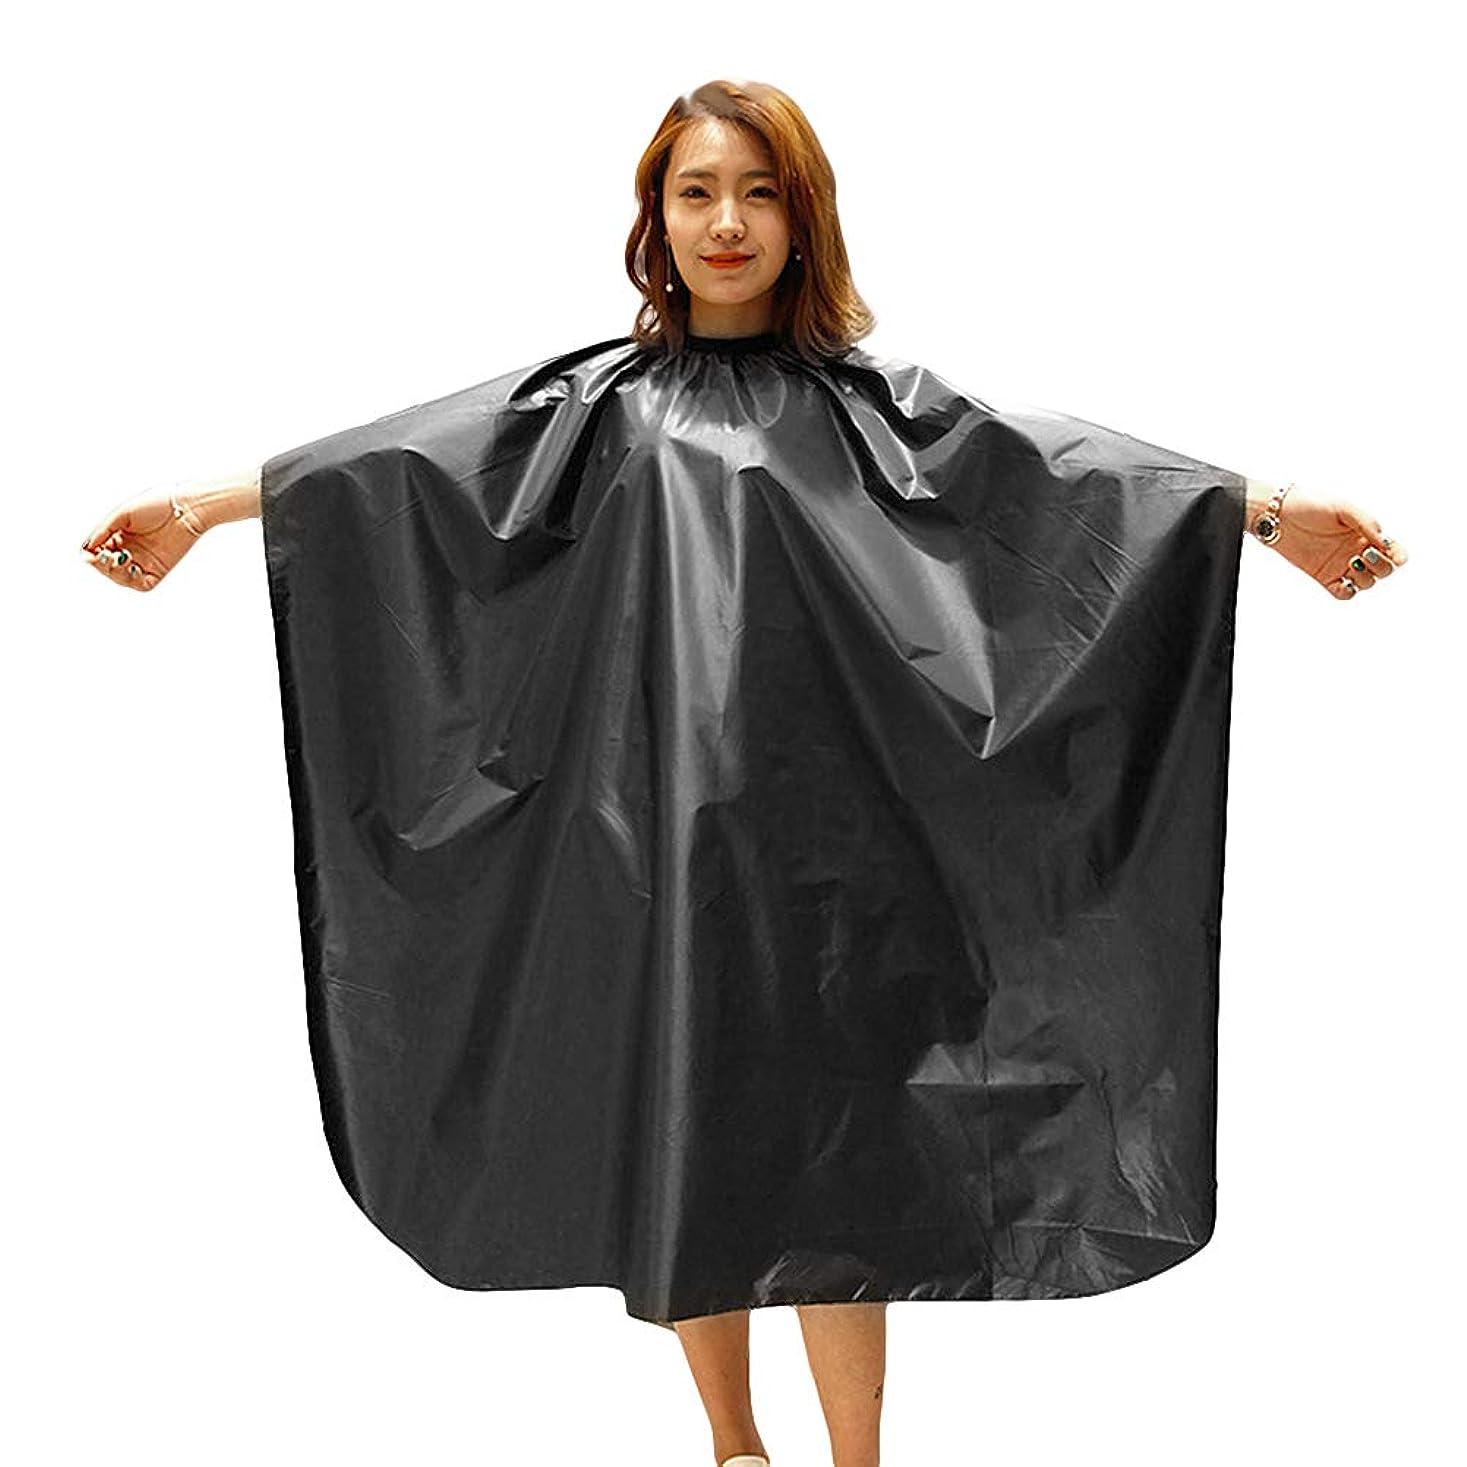 すべきエッセンス大きいLURROSE サロンのクライアントのための防水布散髪ケープヘアーカットマント理容岬ヘアカットガウン(ブラック)